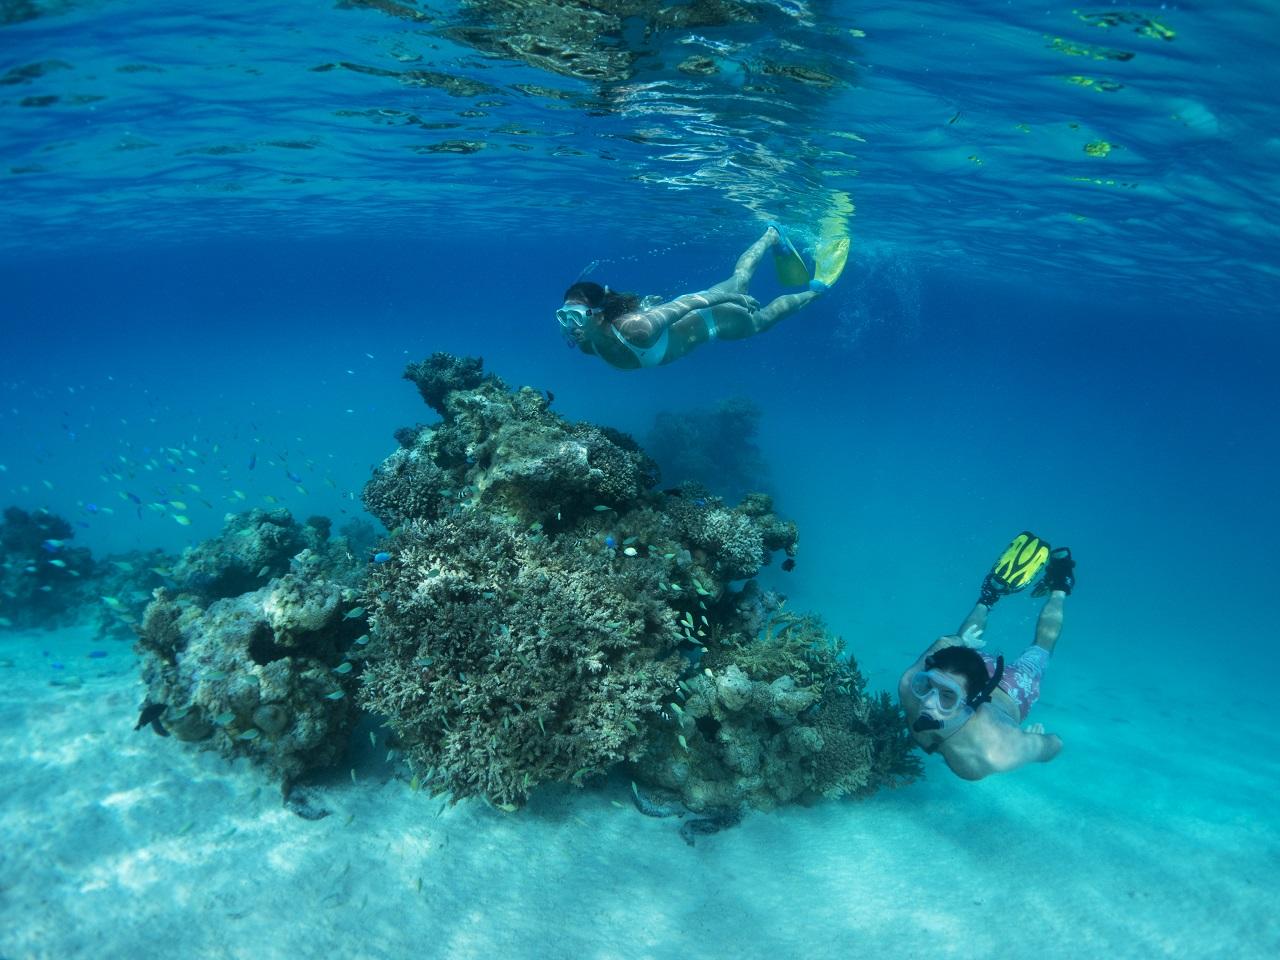 Cookøyene vil bli verdens grønneste reisemÃ¥l, og har etablert en av verdens største marin parker